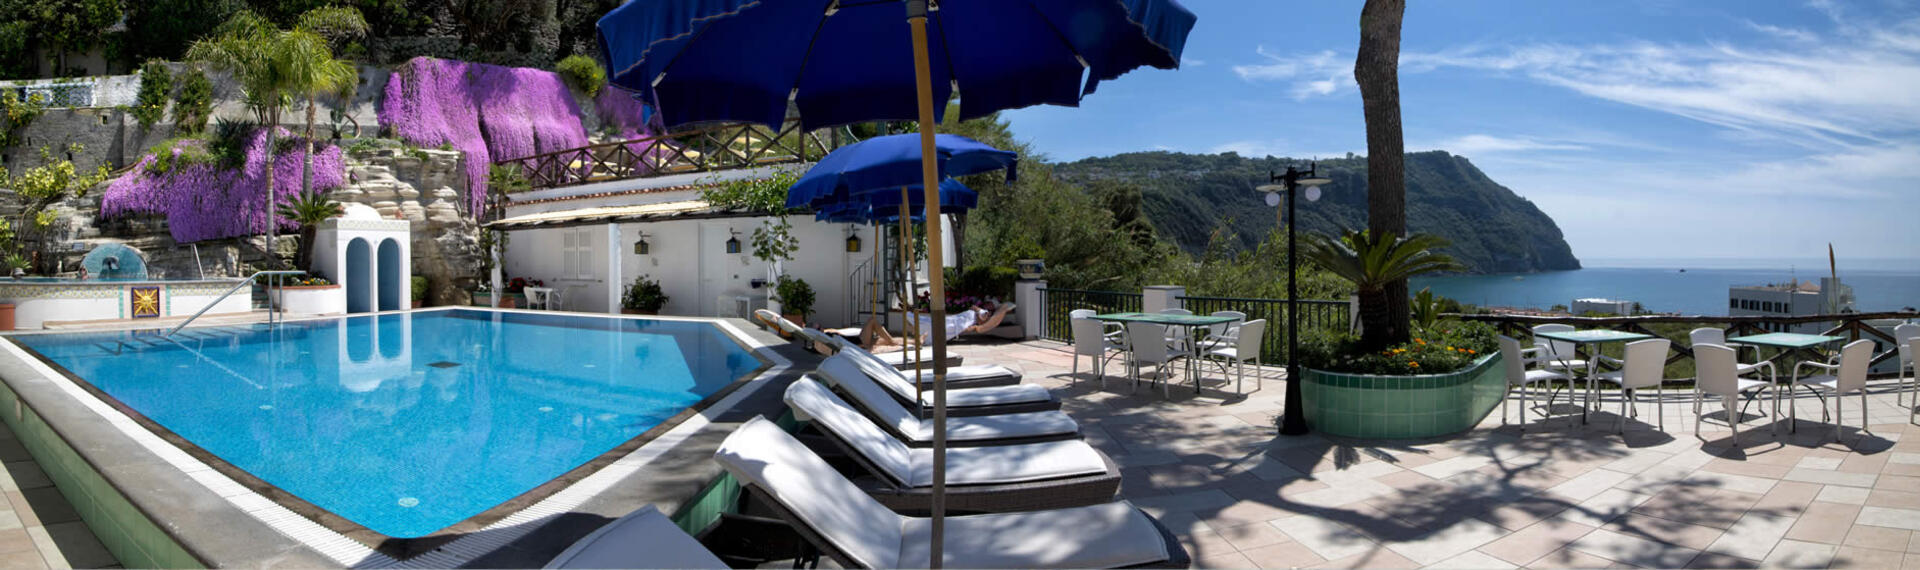 hotelvillabianca de wellness-fitness 010